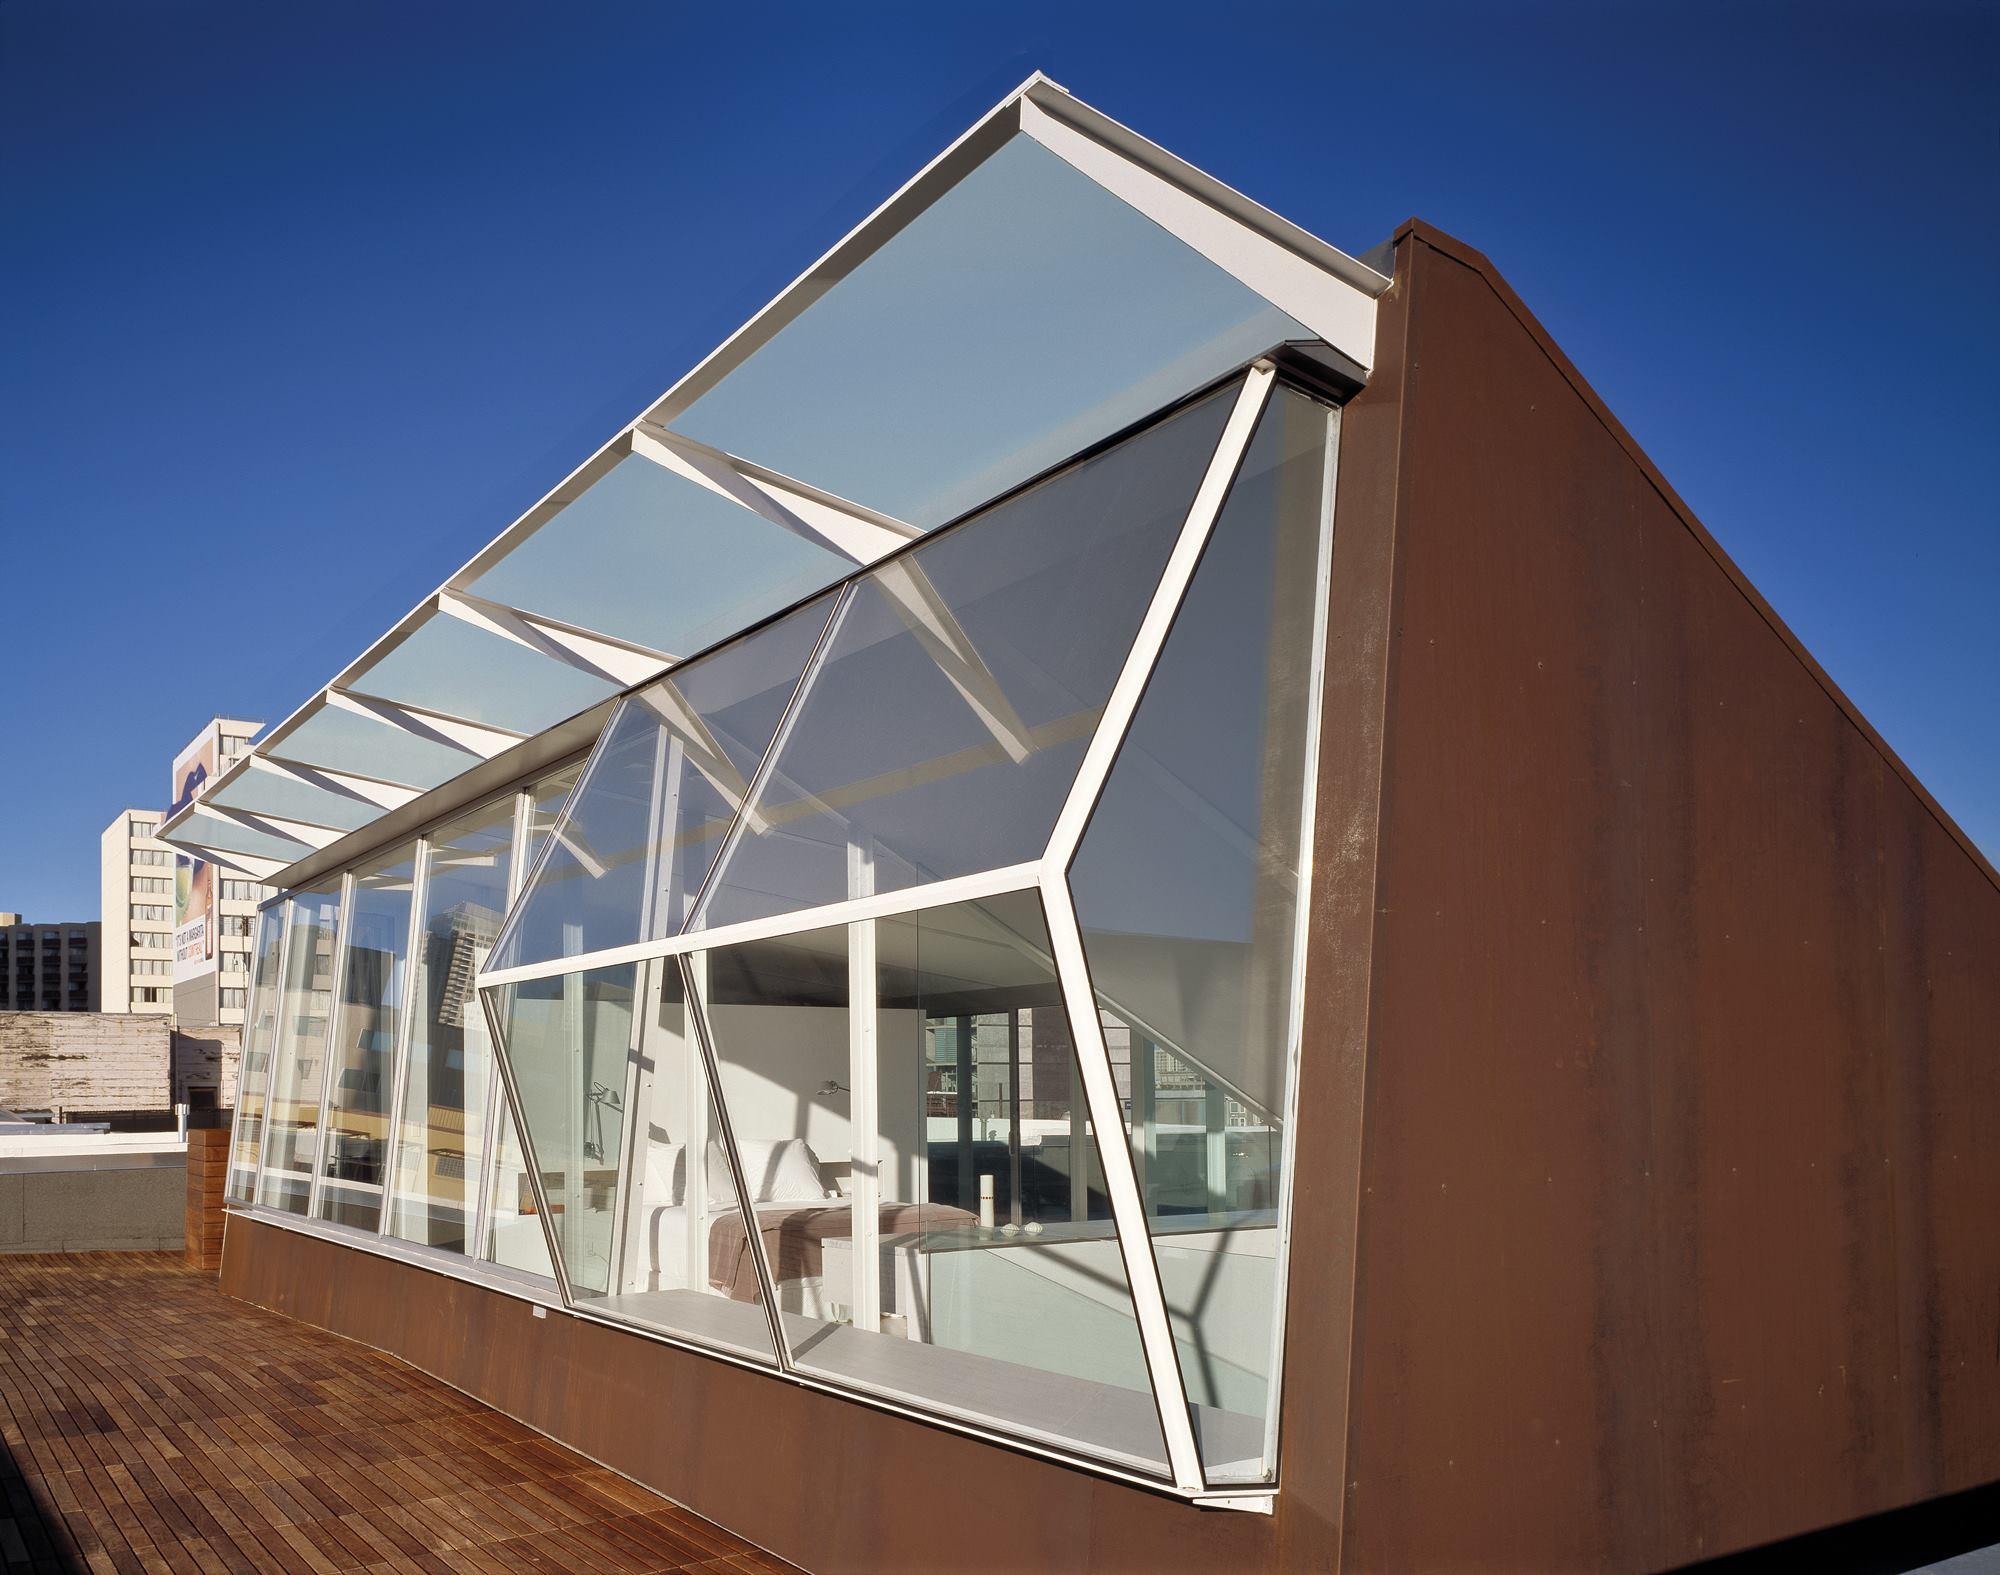 Tehama grasshopper san francisco residential architect for Residential architect design awards